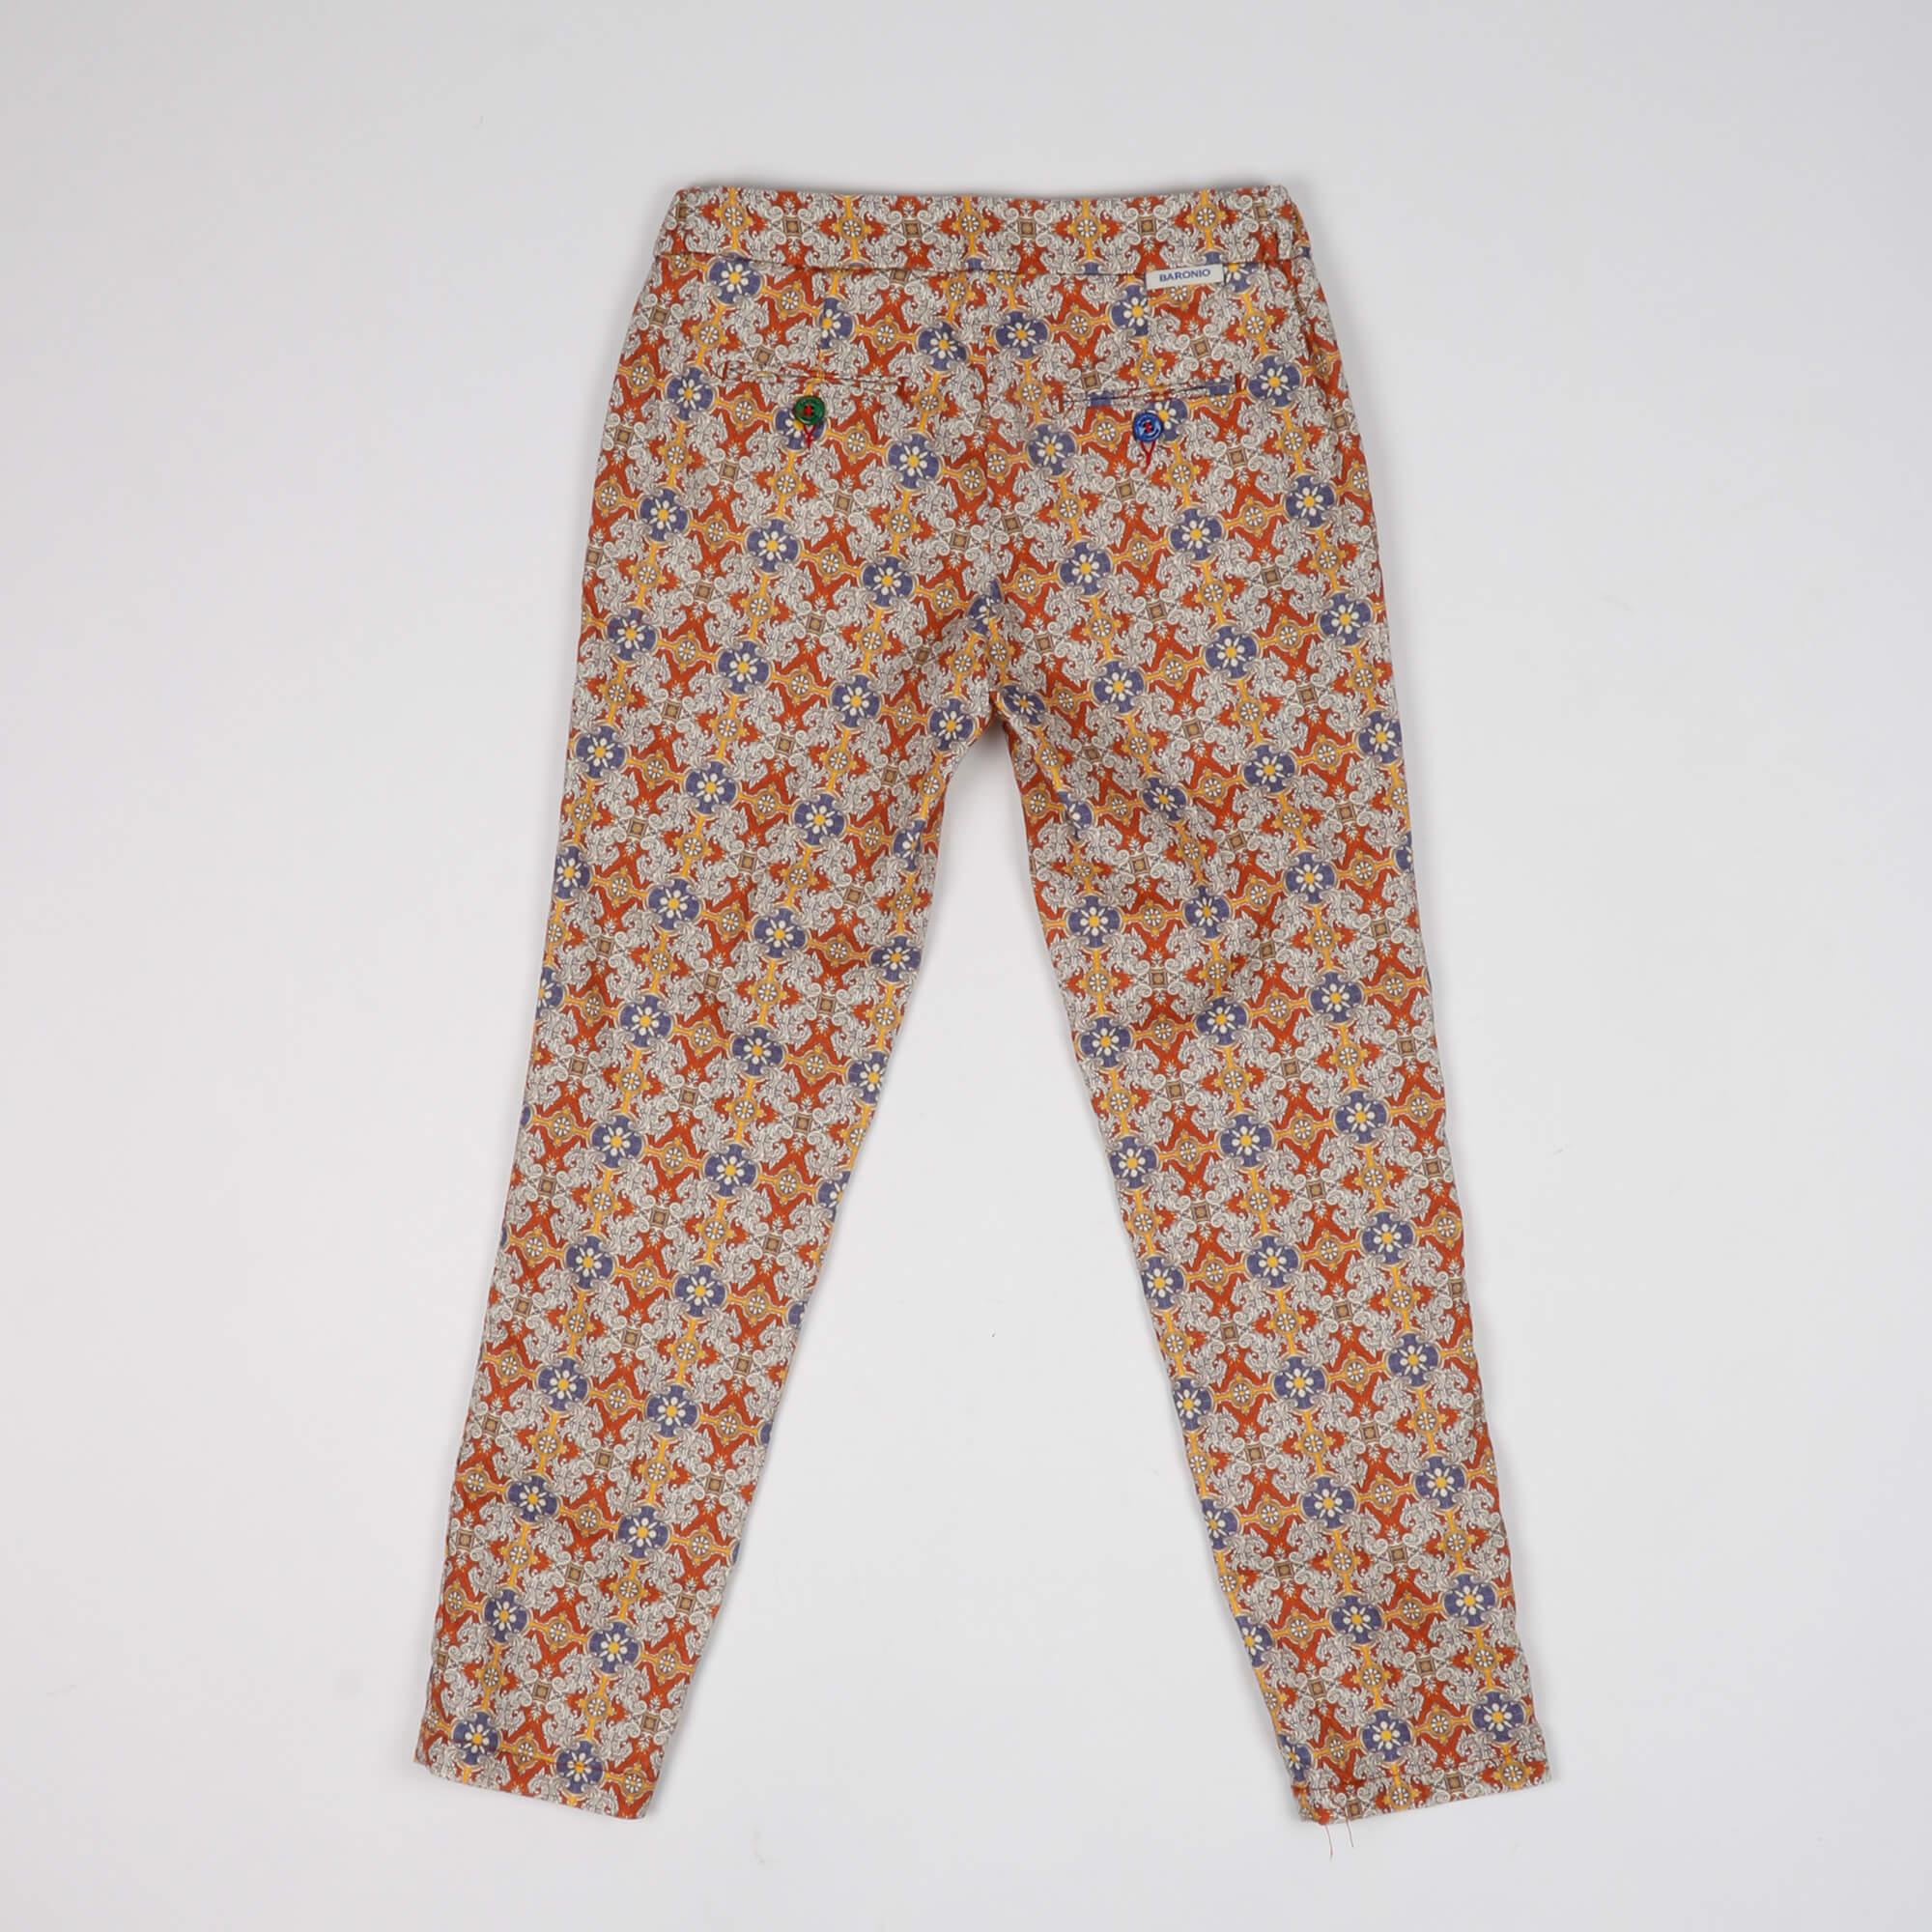 Pantalaccio fantasia - Arancio